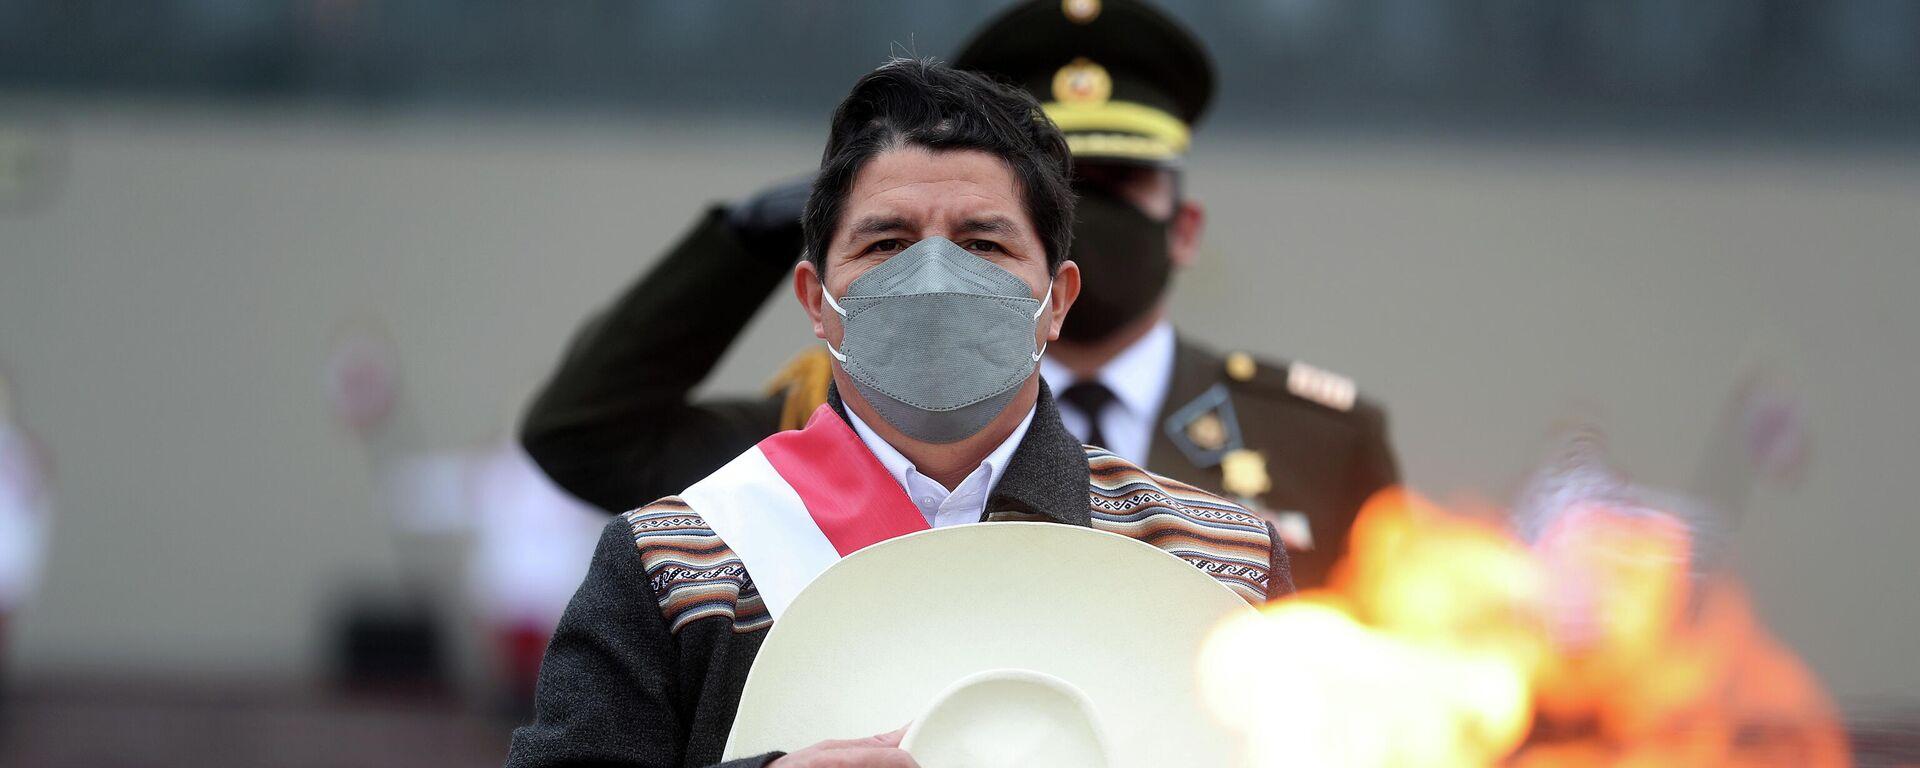 Pedro Castillo, presidente de Perú - Sputnik Mundo, 1920, 20.08.2021